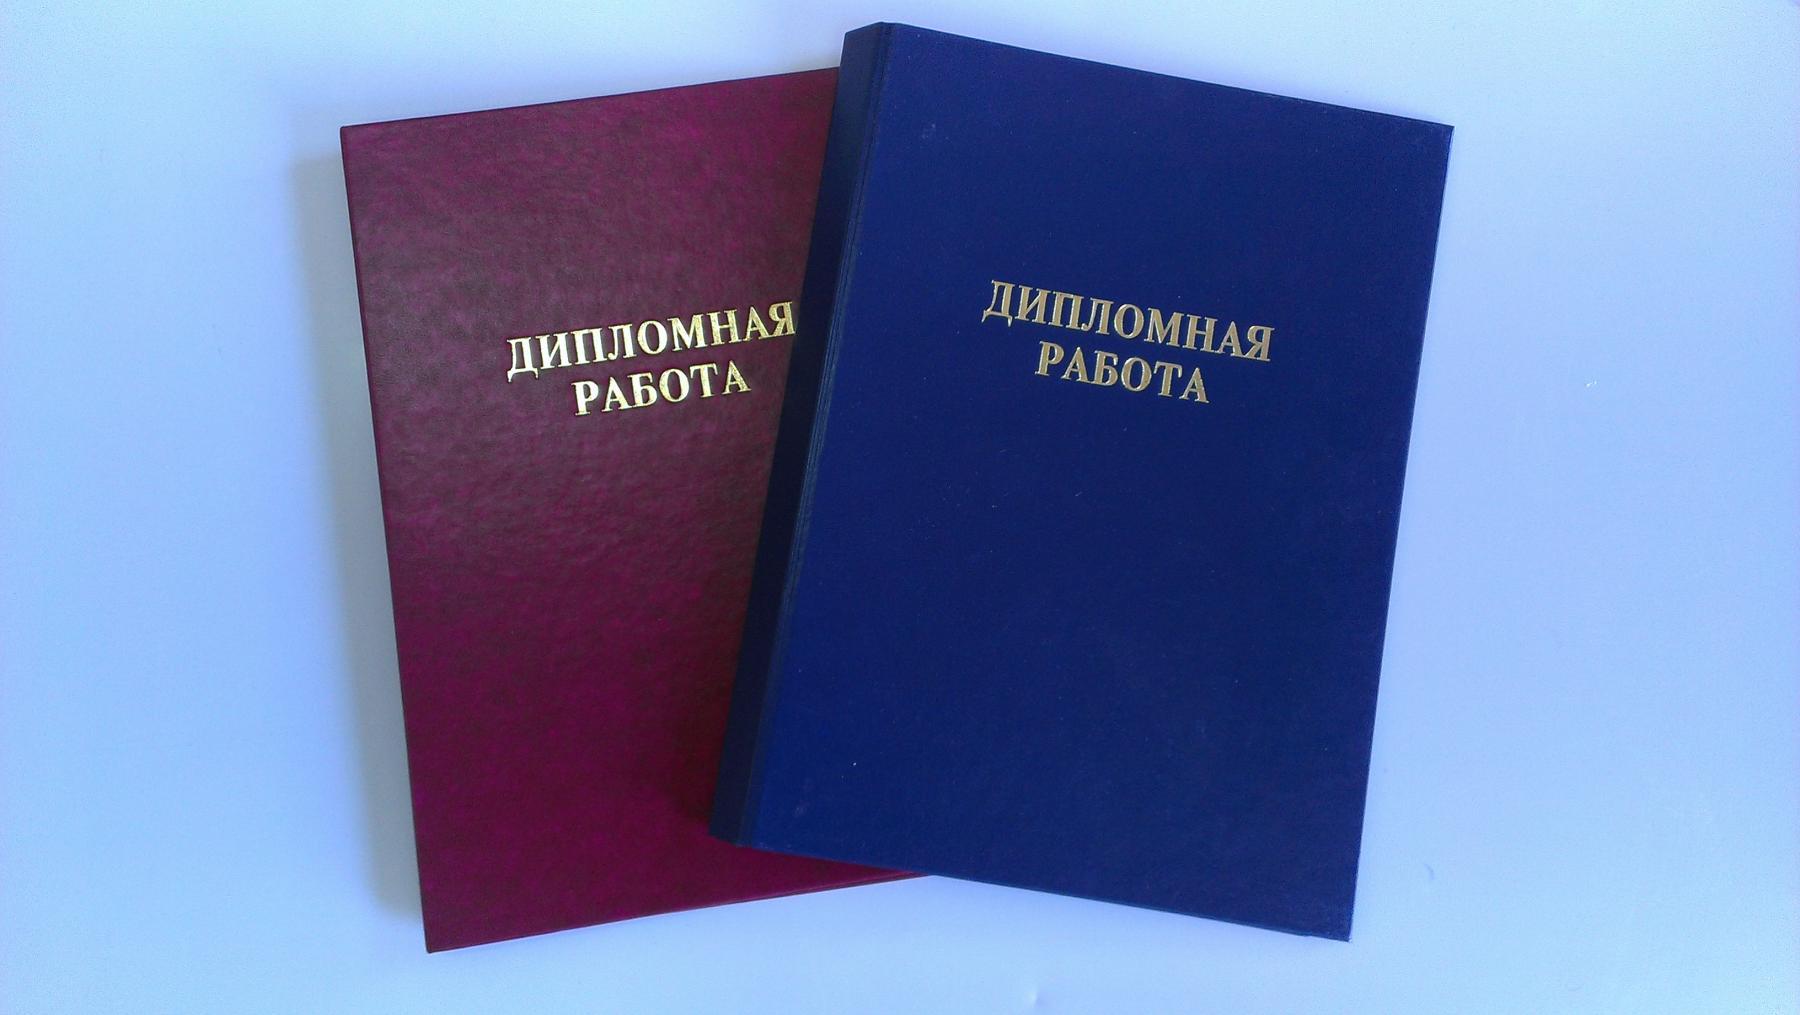 Переводческое дело дипломные работы 118